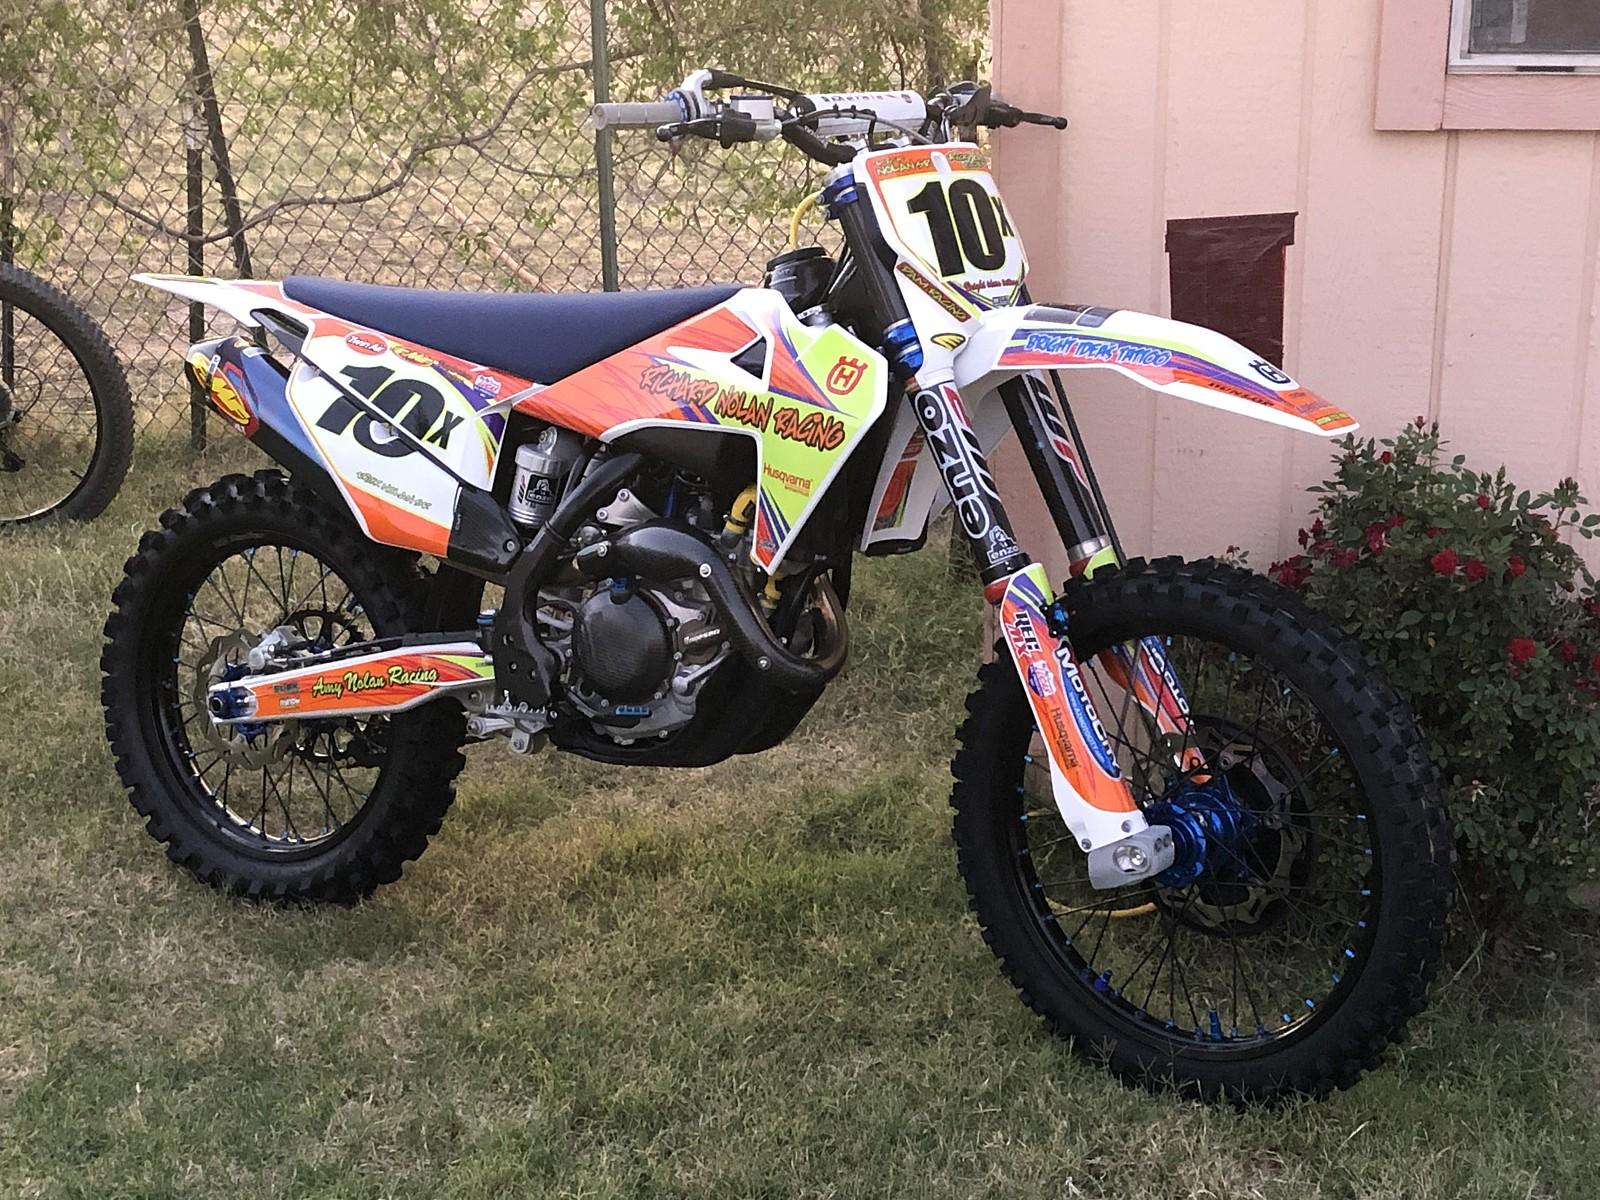 72F165ED-A1BF-46D5-95CA-3EFD66A3CD90 - rickskx450mx - Motocross Pictures - Vital MX